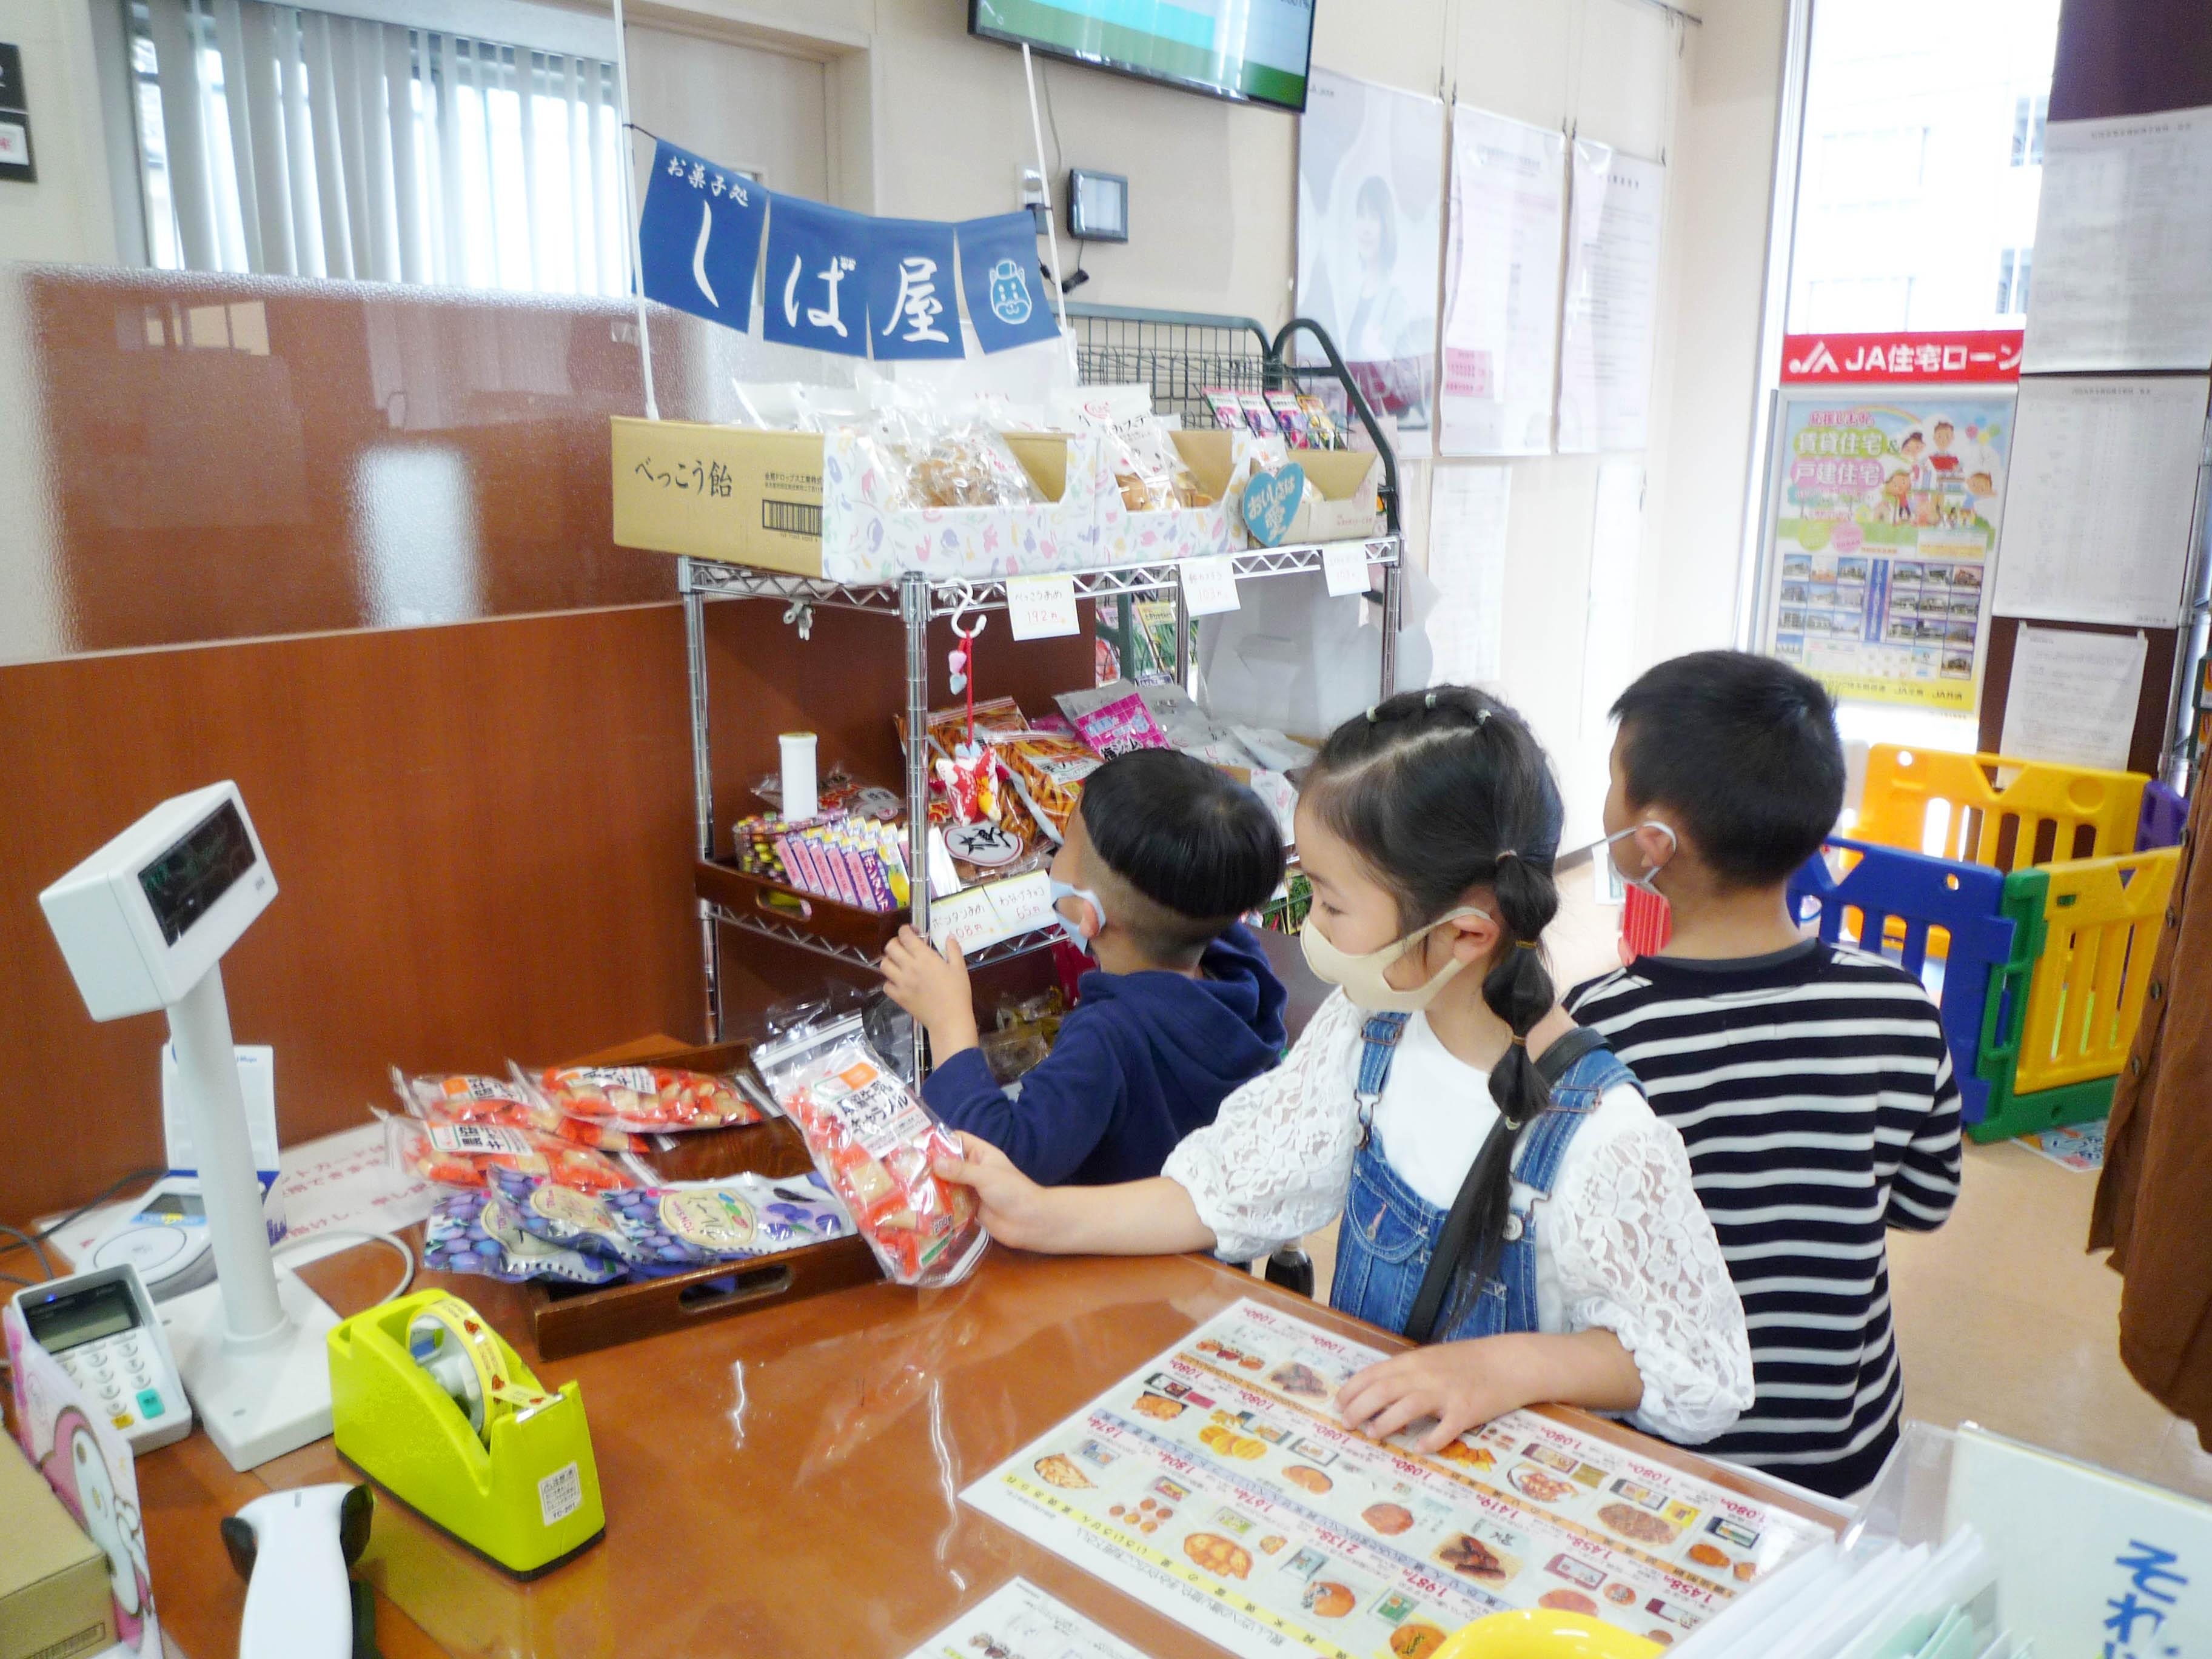 「お菓子処 しば屋」オープン(芝支店:川口市)